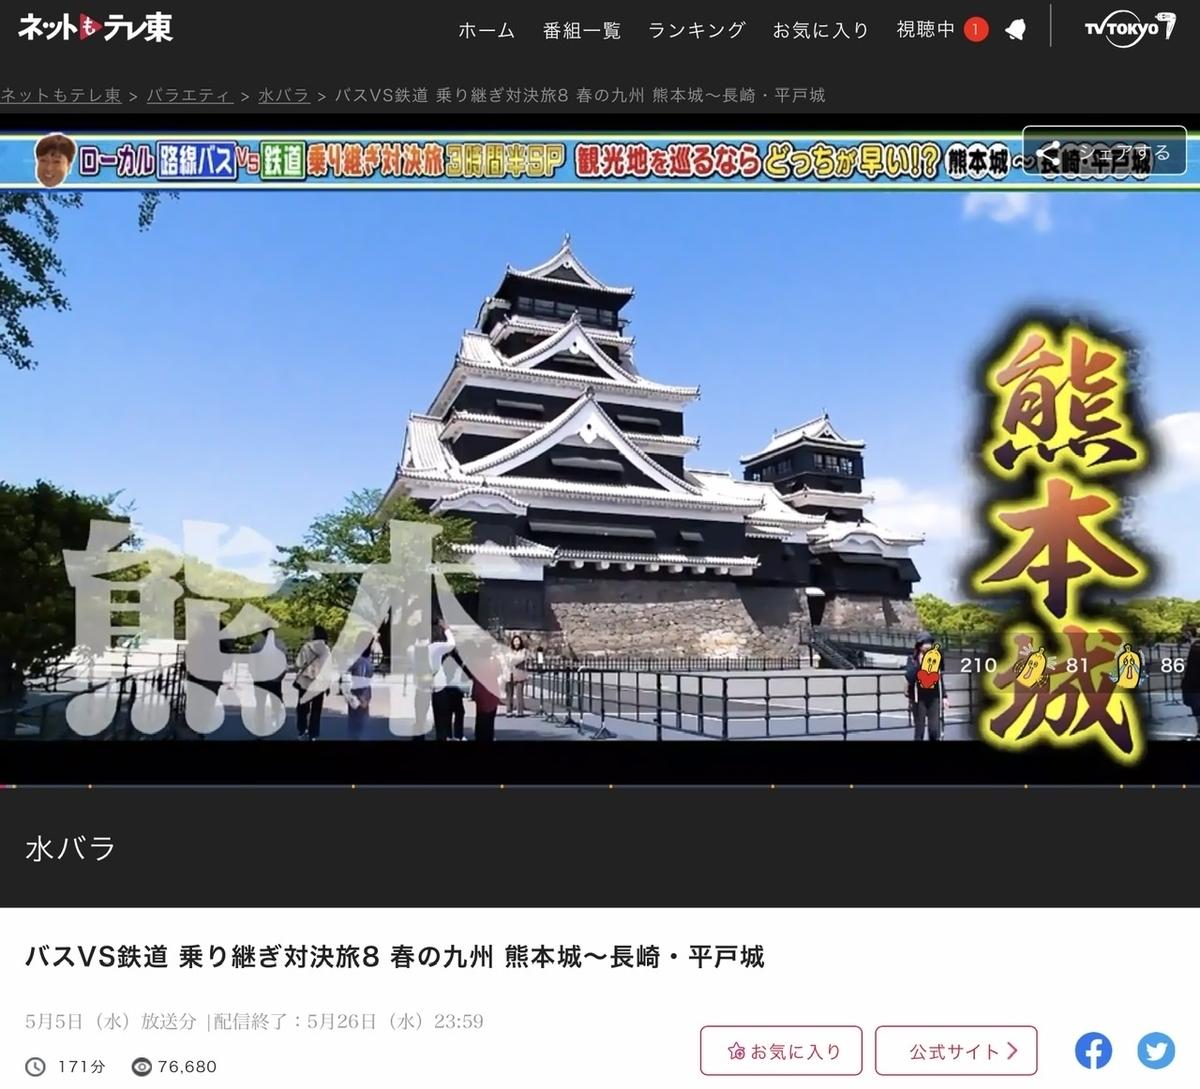 f:id:yujiro-1:20210508052357j:plain